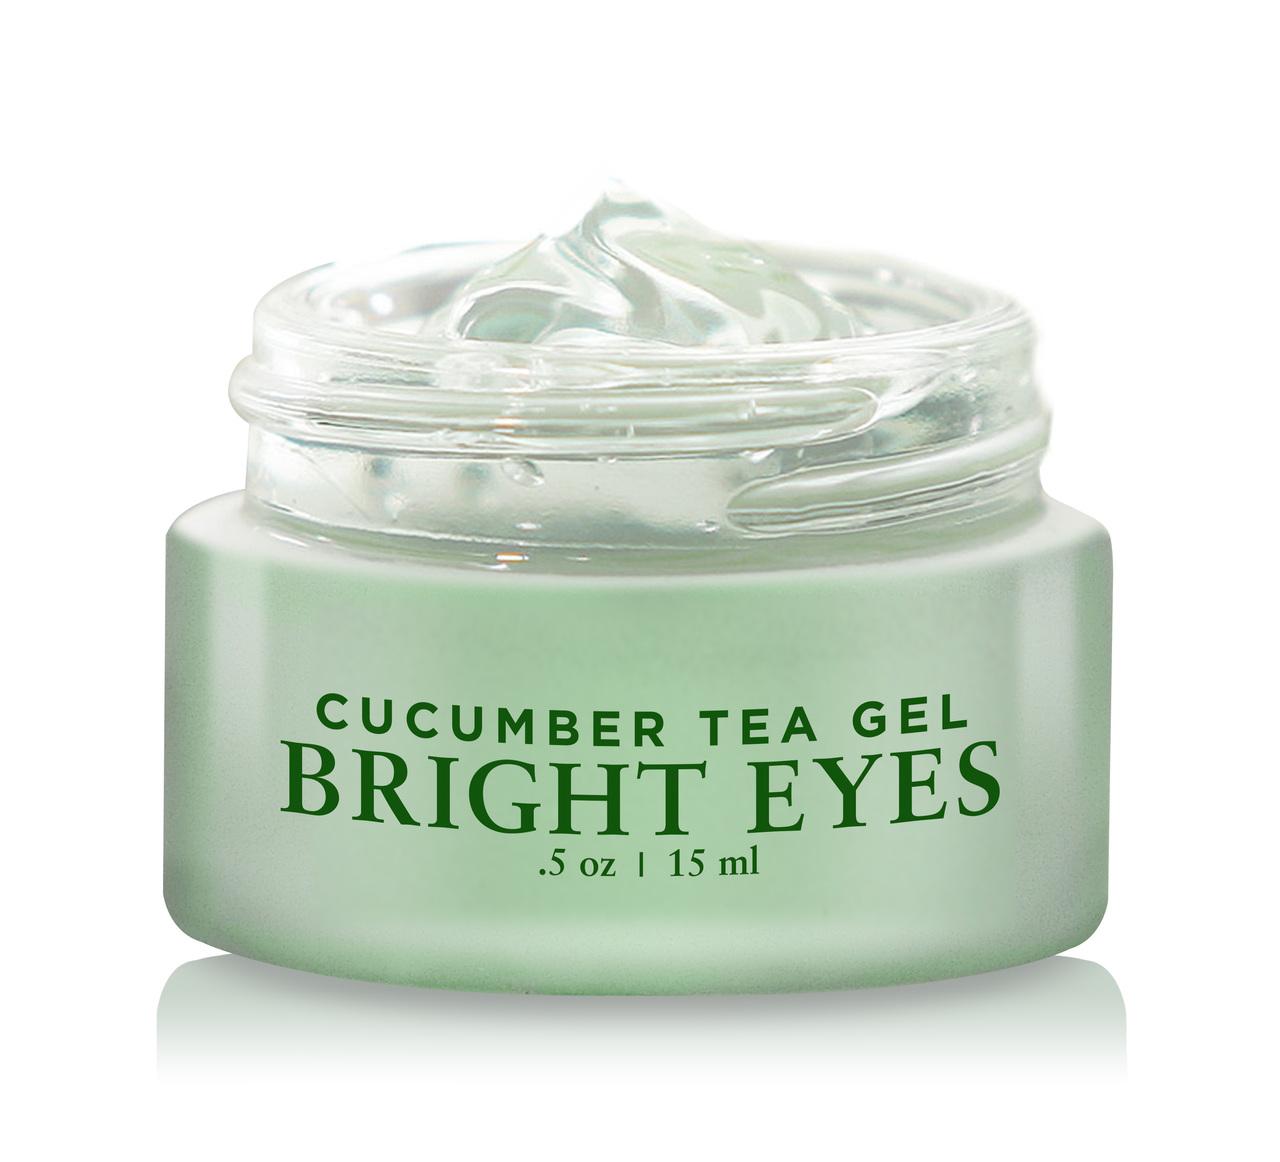 Basq Bright Eyes Cucumber Tea Gel